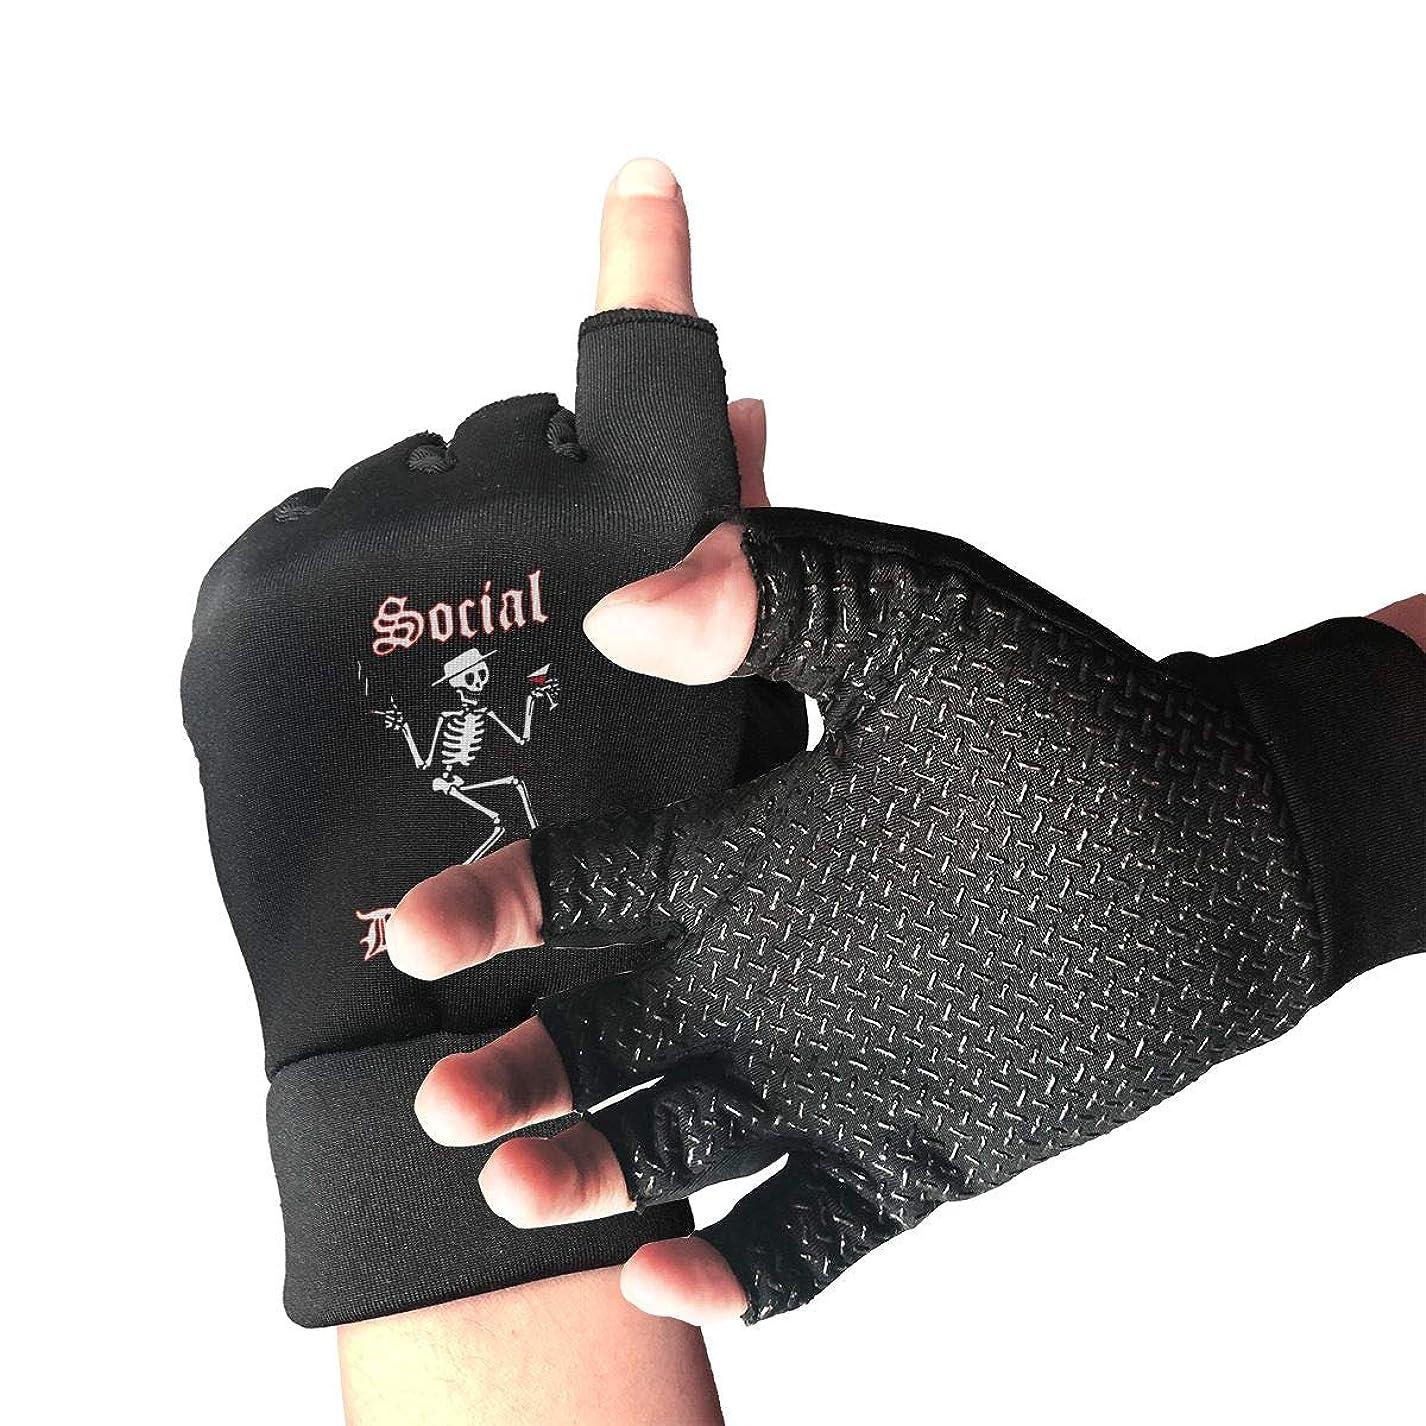 交じるロバプロトタイプフィンガレス グローブ 手袋 ハーフフィンガー ソーシャル?ディストーション サイクリンググローブ 指なし手袋 滑り止め 伸縮性 通気性 スポーツ アウトドア バイク 登山 ユニセックス